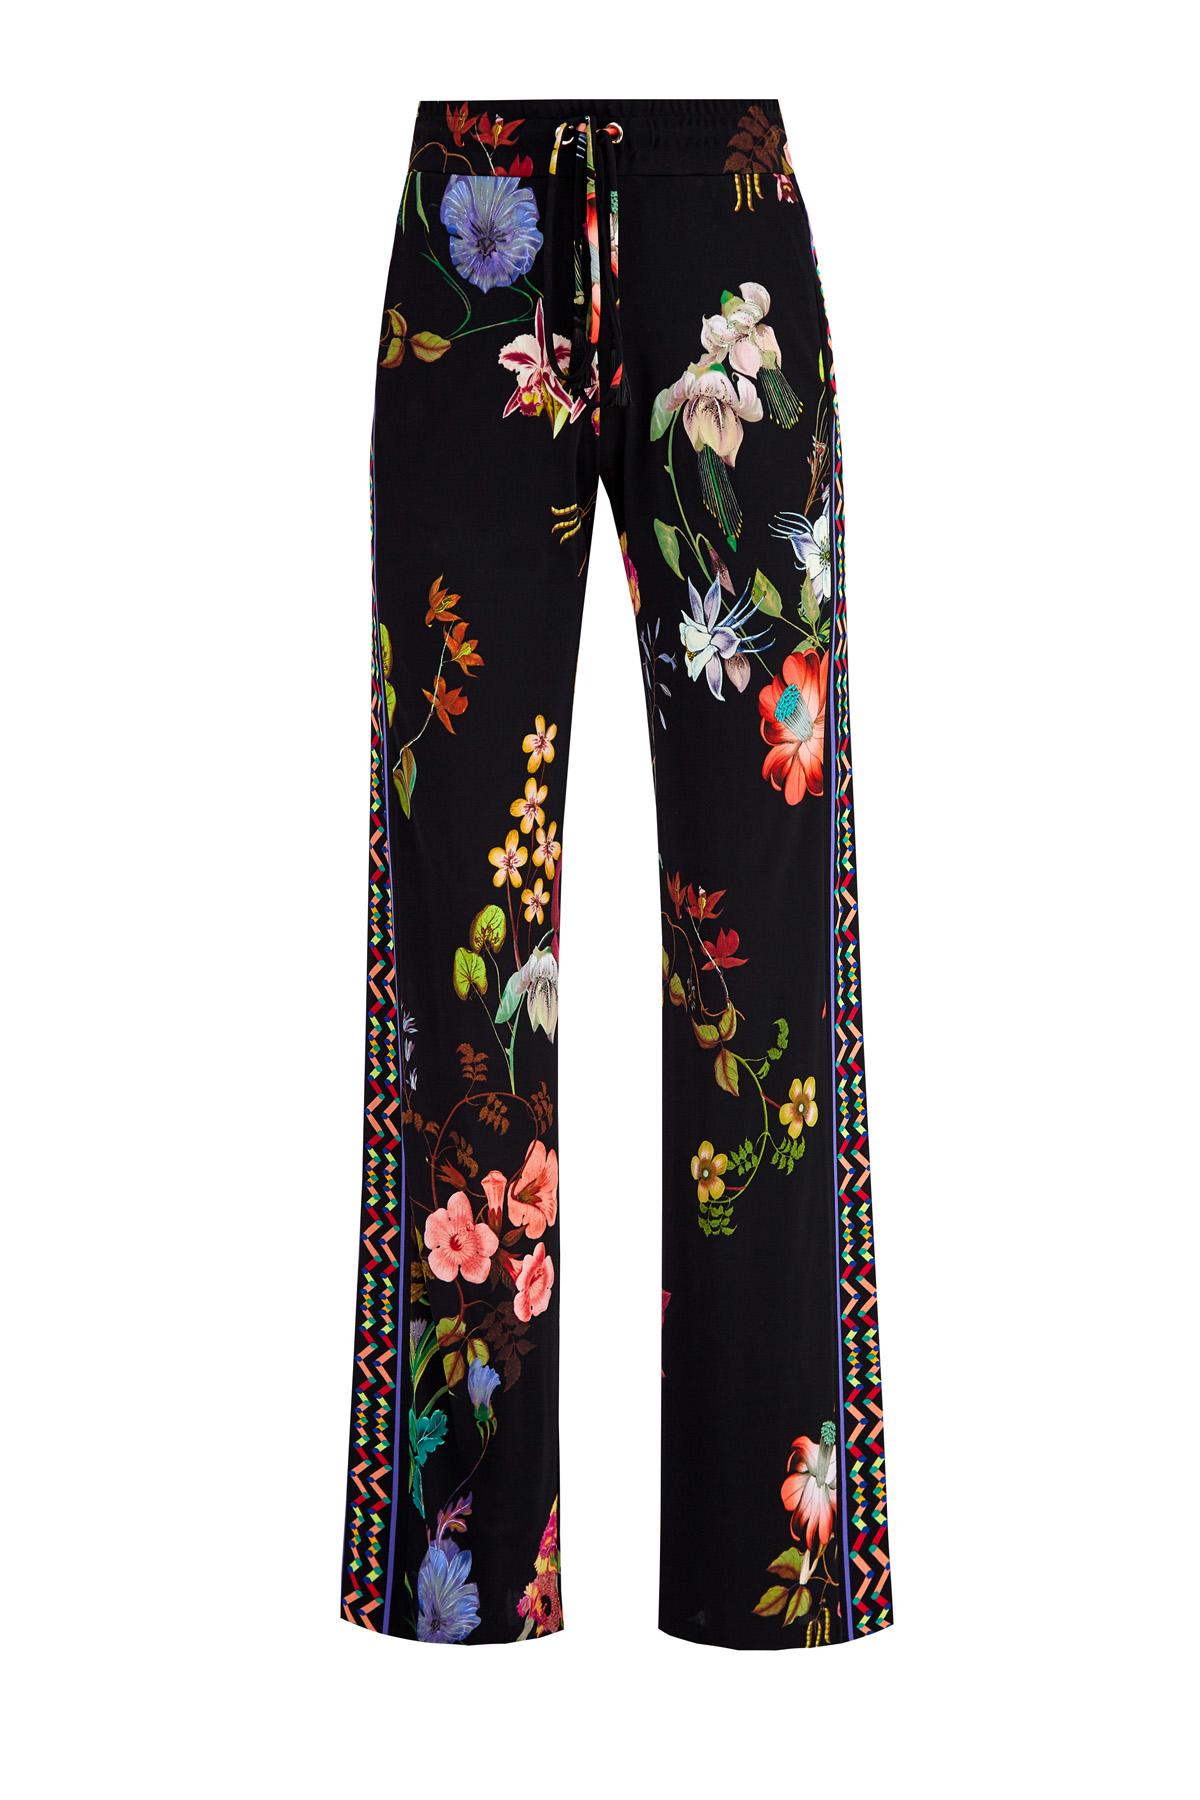 Купить Брюки из струящейся ткани с цветочным принтом и лампасами, ETRO, Италия, вискоза 100%